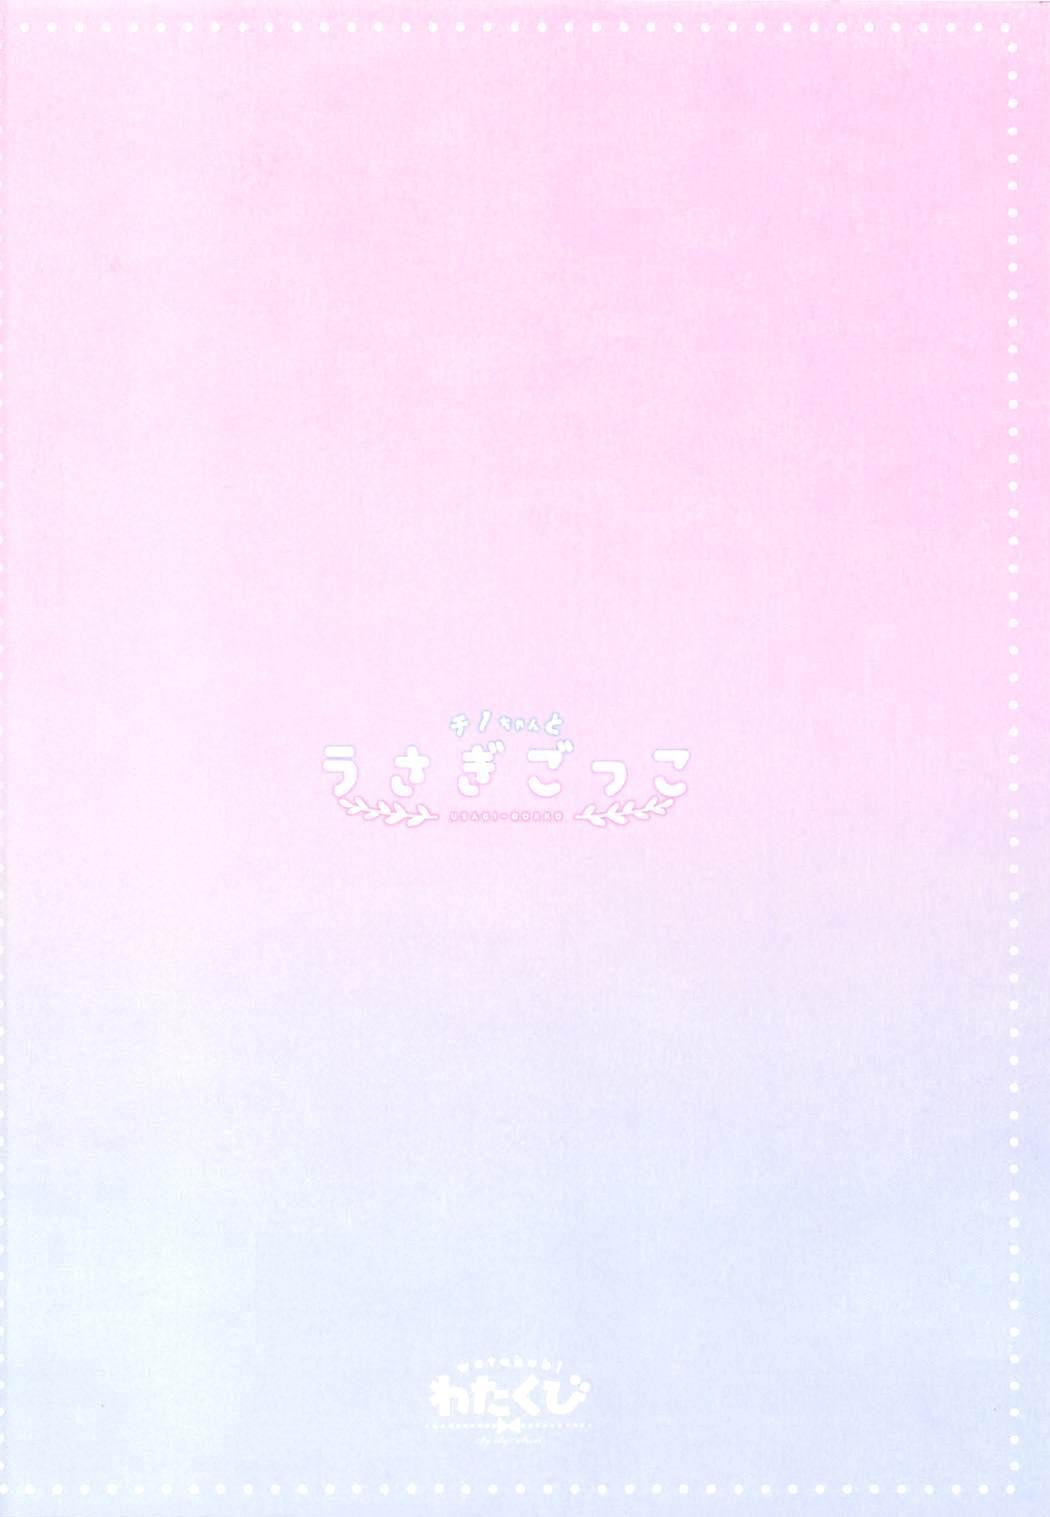 Chino-chan to Usagi Gokko 15